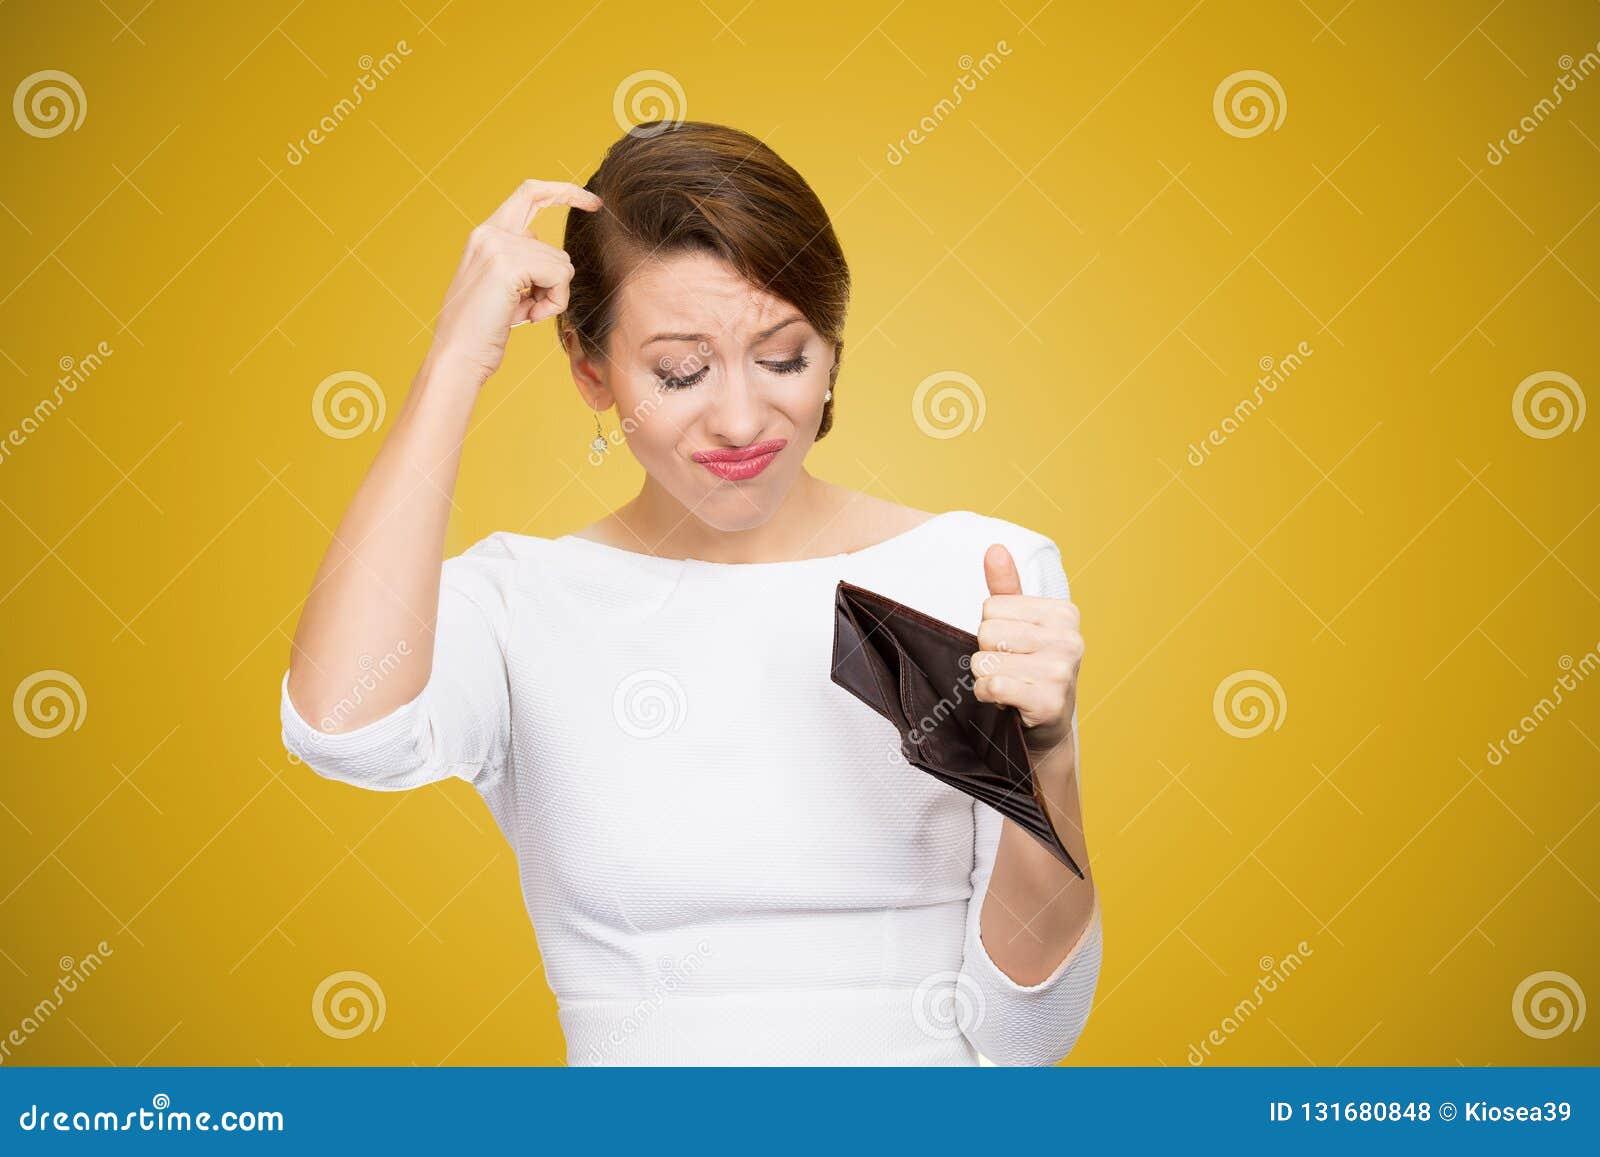 Mulher que risca na cabeça e que olha para dentro da carteira vazia que não tem nenhum dinheiro